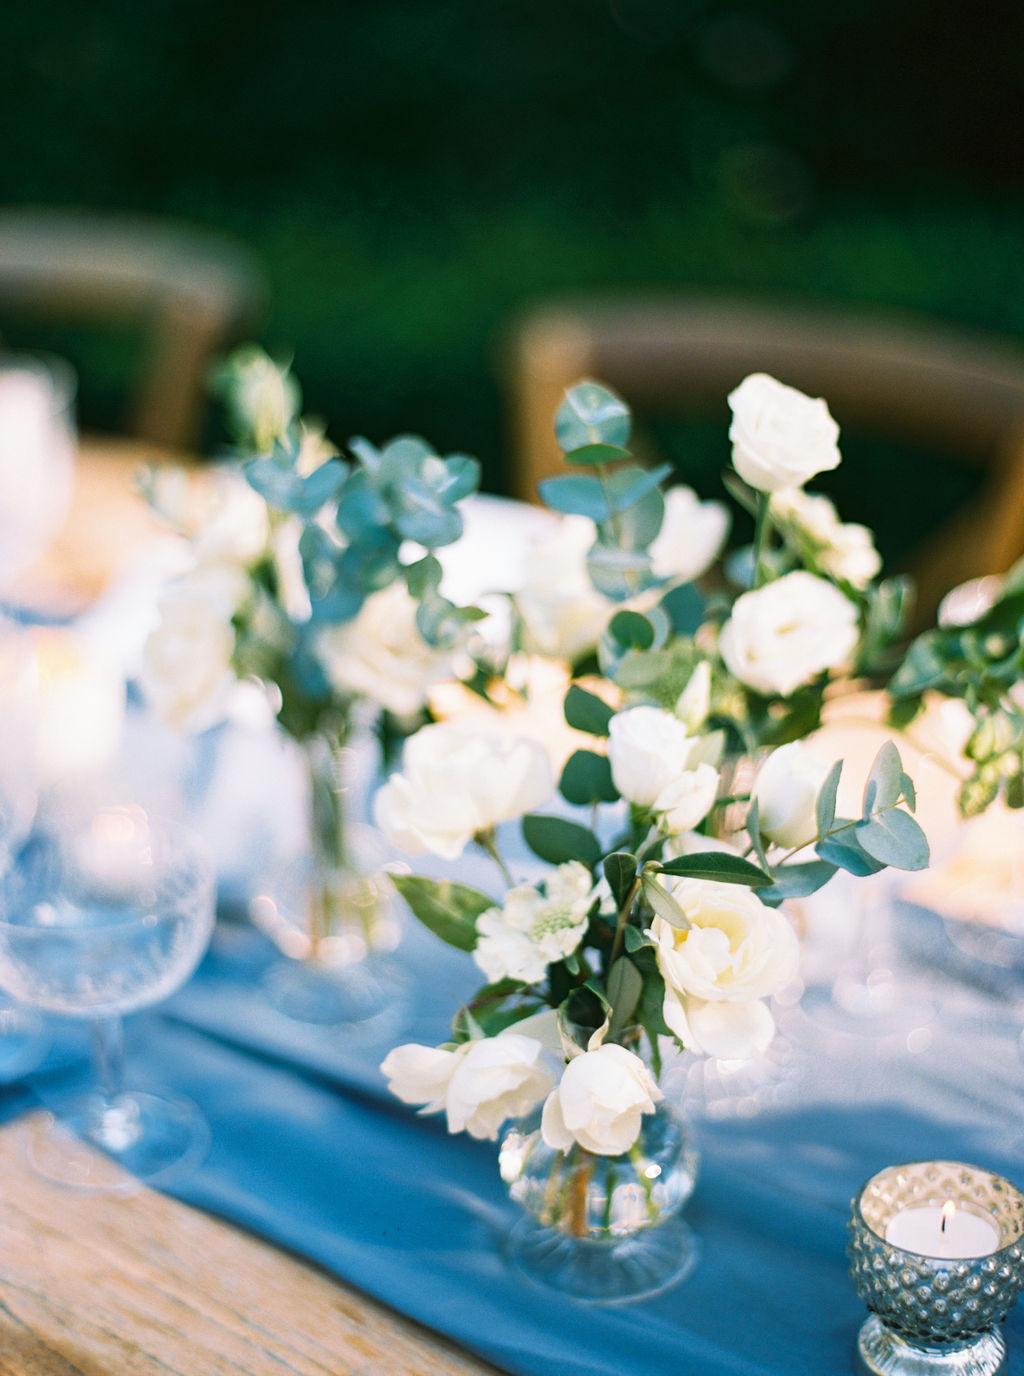 white bud vase flowers.JPG